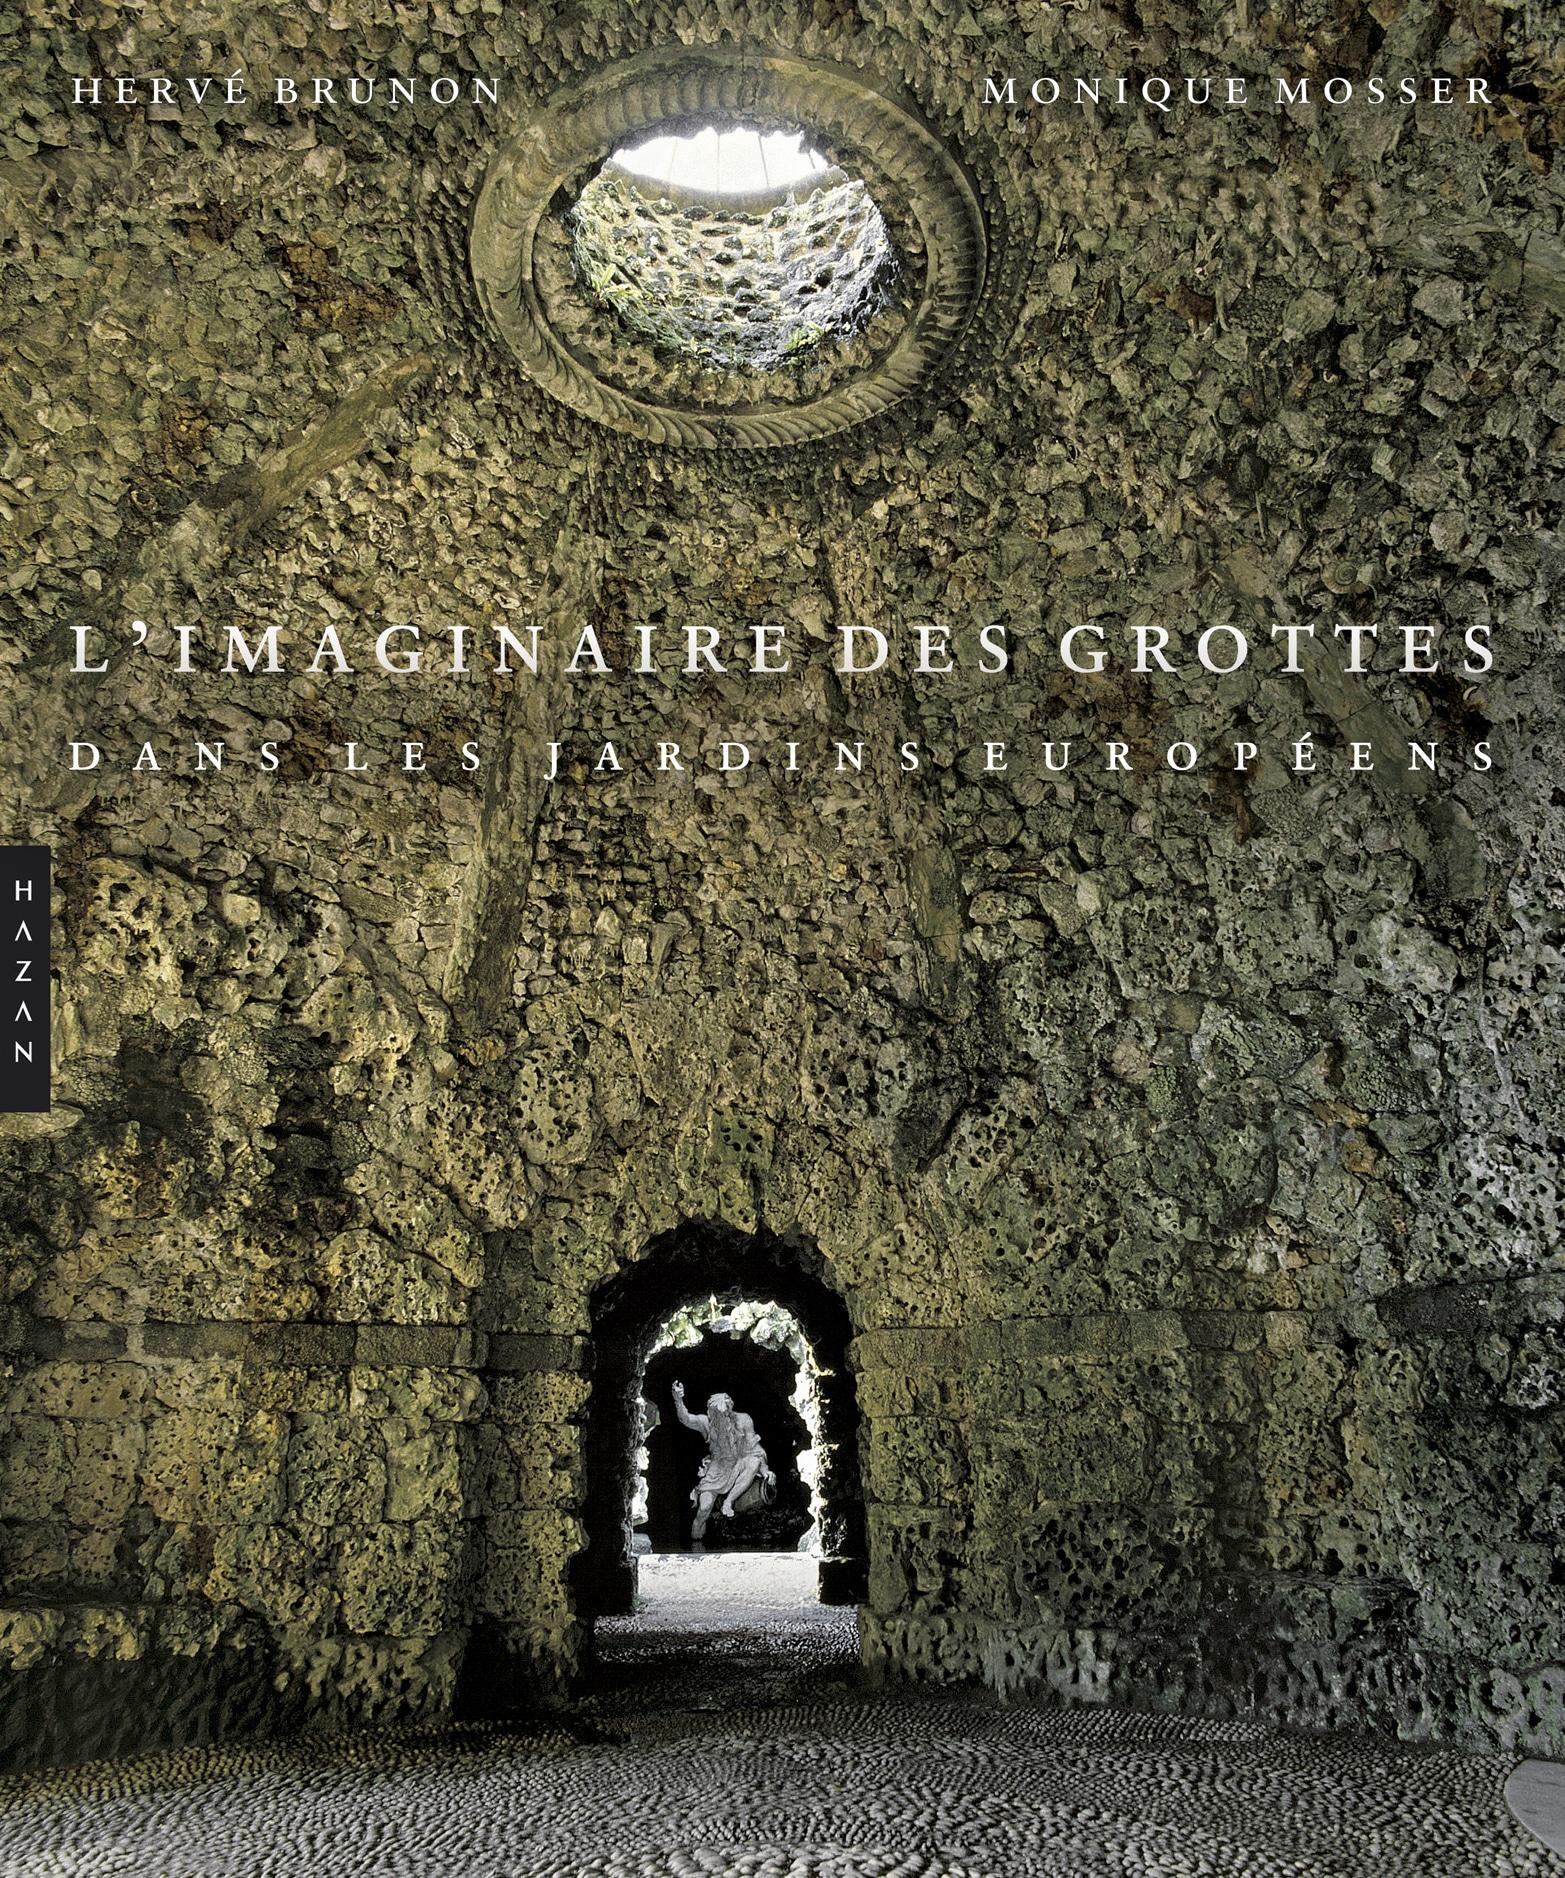 L'imaginaire des grottes dans les jardins européens